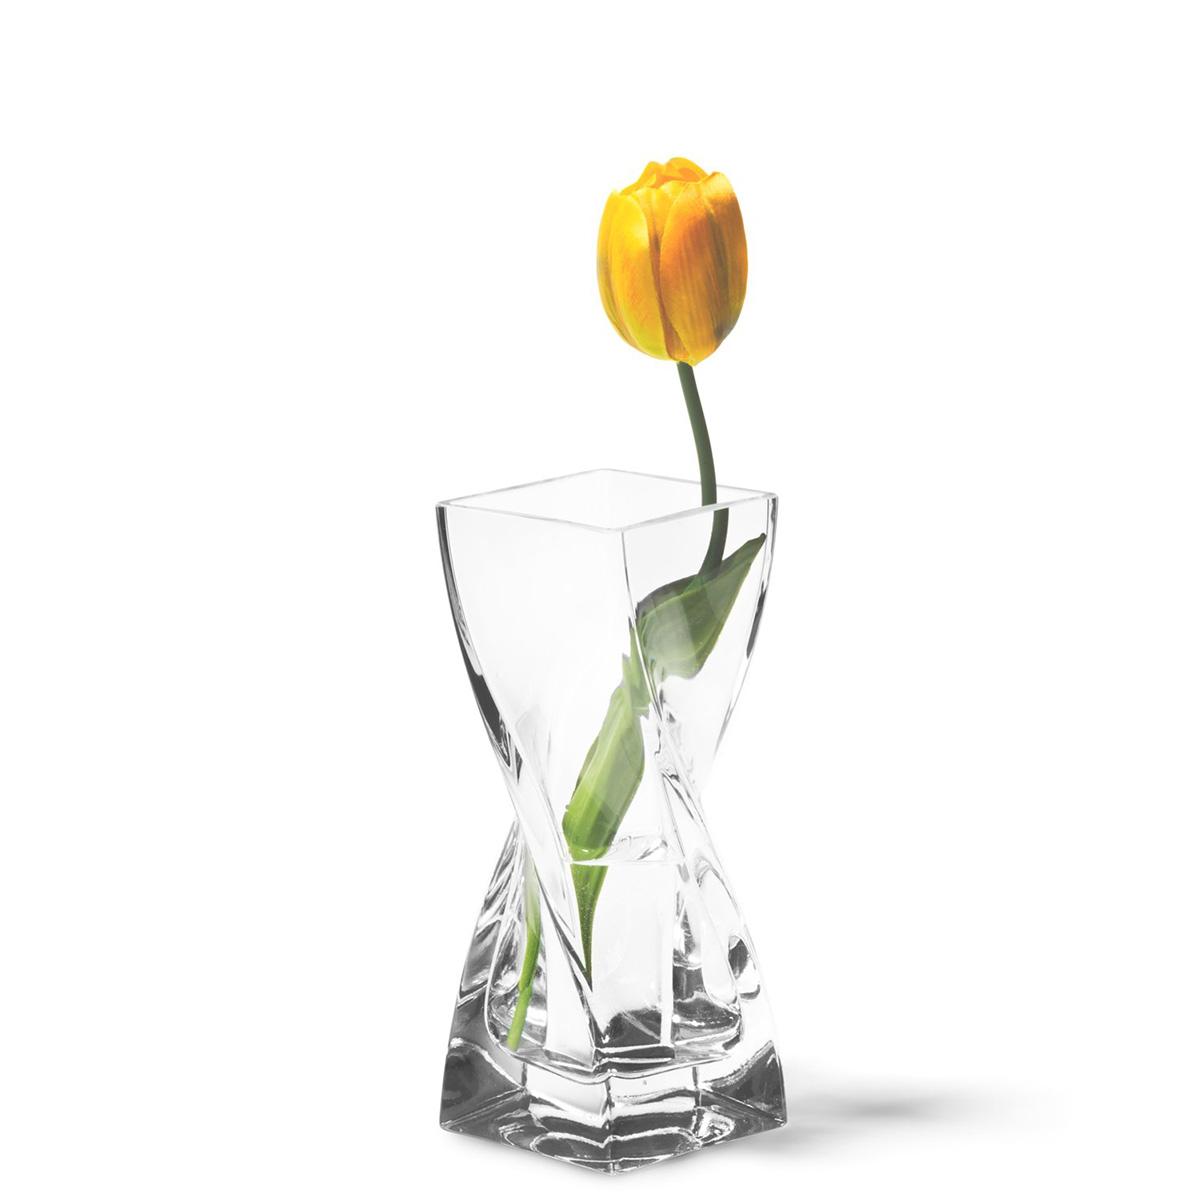 Staklena vaza Swirl 20 - 14099